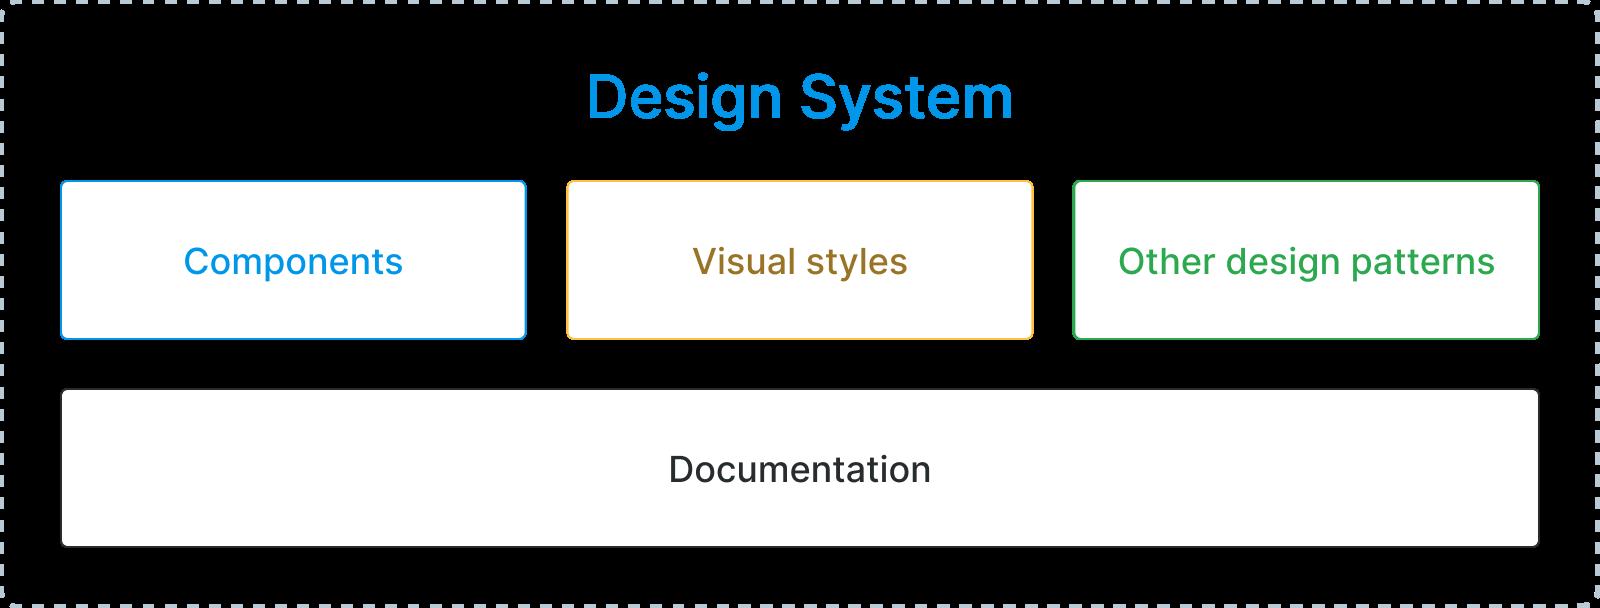 DesignSystem